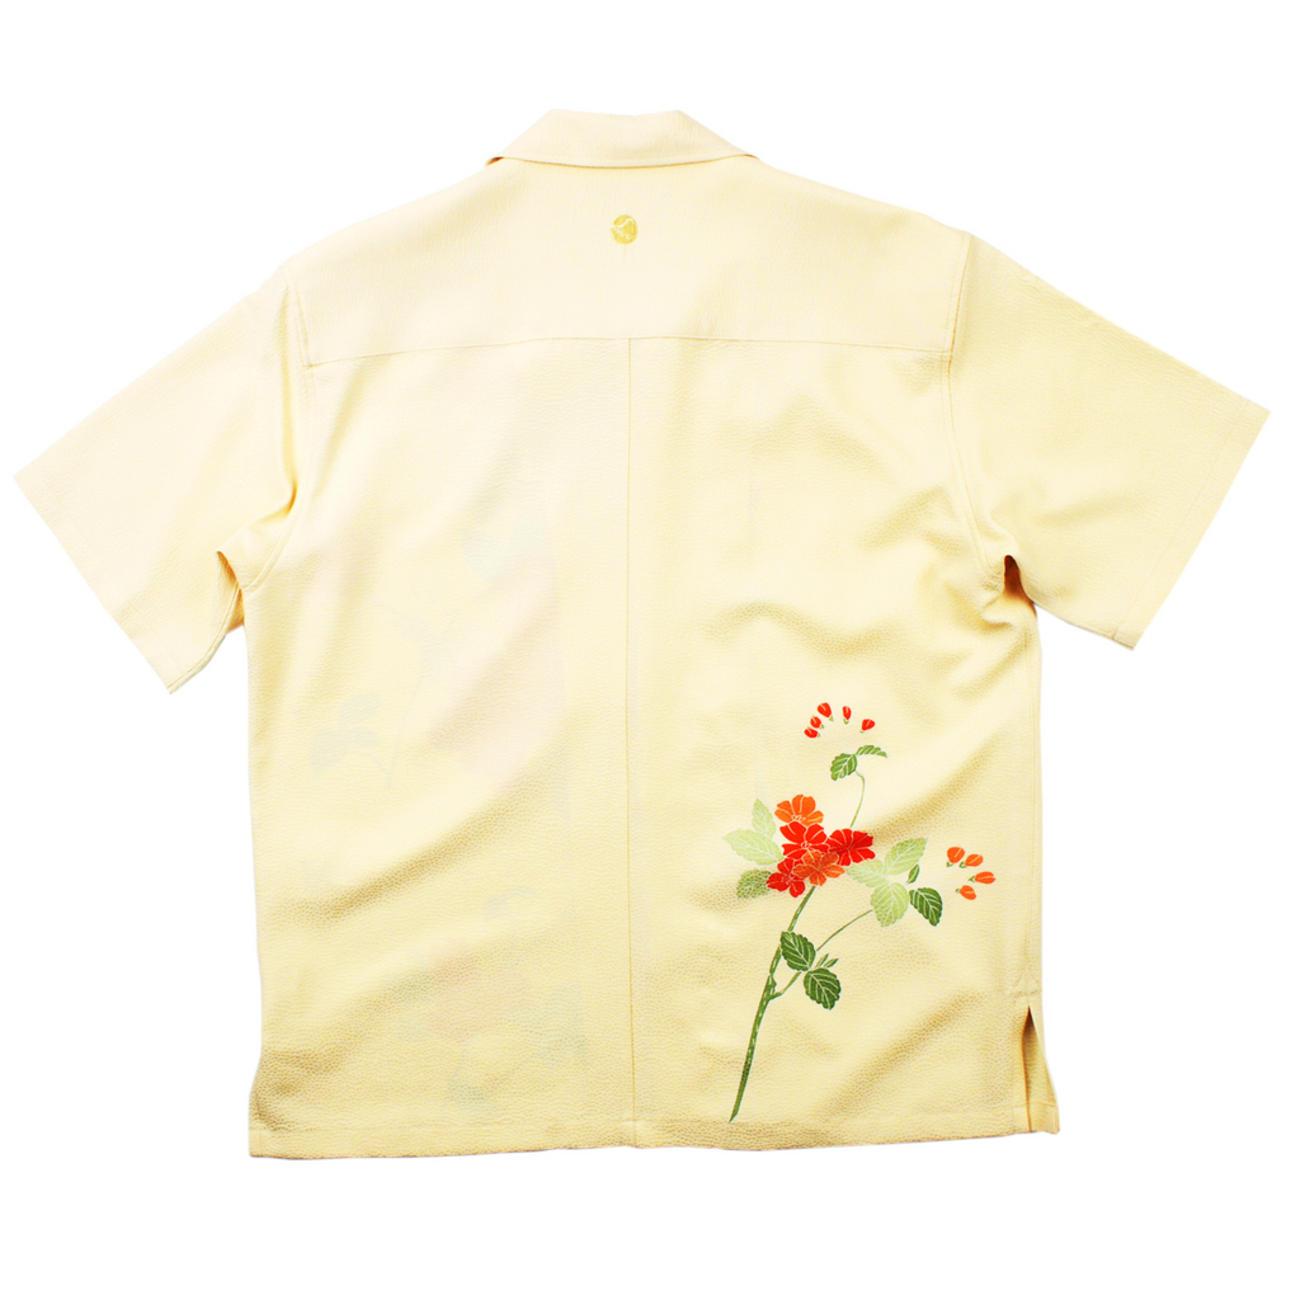 大きいサイズの和柄アロハシャツ BOTAN S